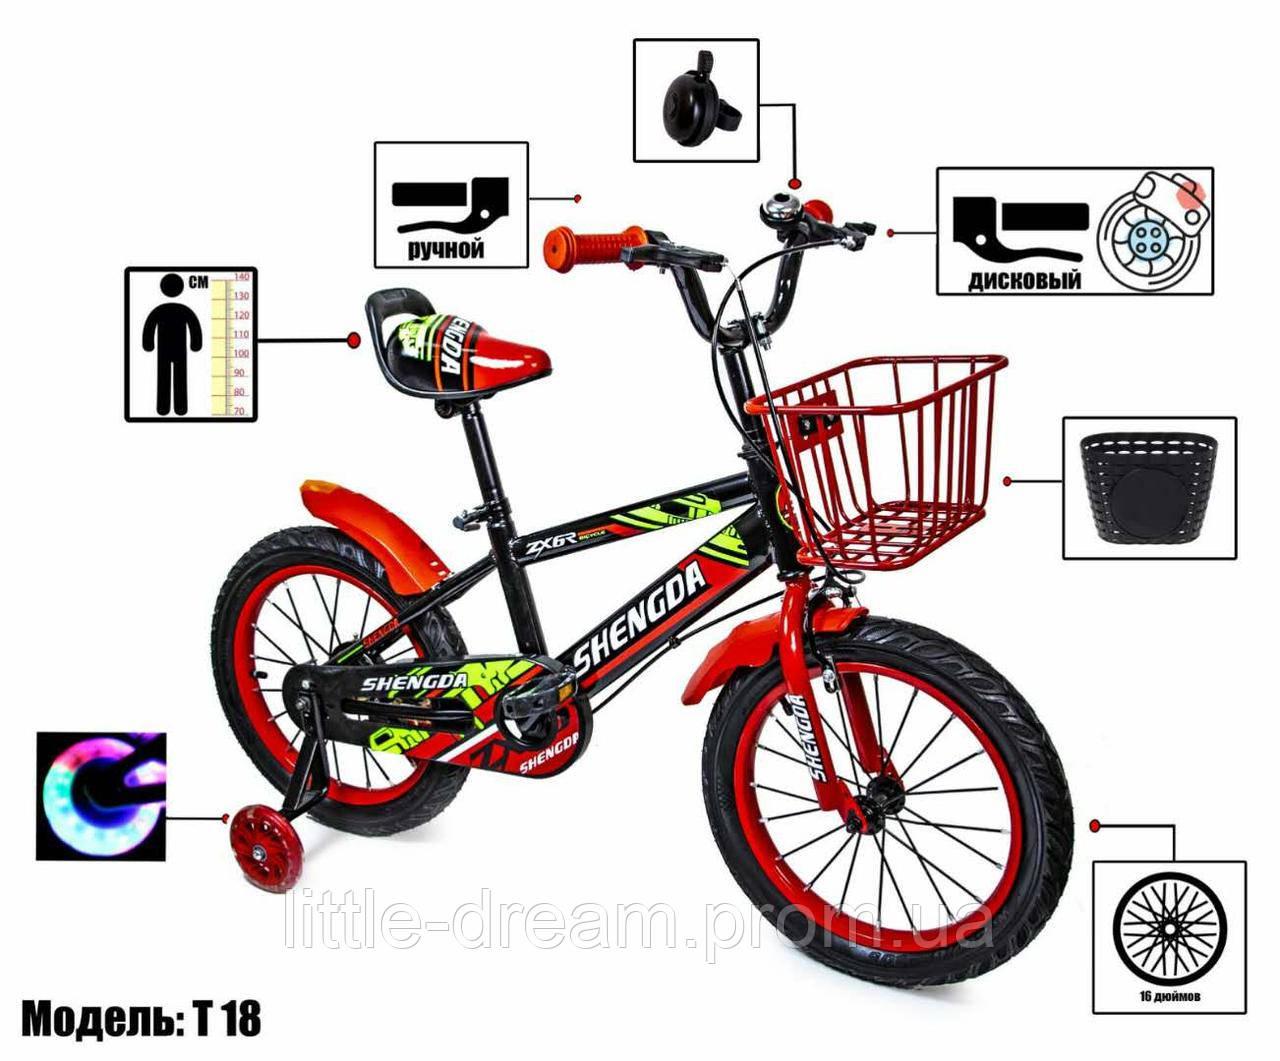 """Велосипед 4 - 8 лет 16 """"SHENGDA"""" Red T18, Ручной и Дисковый Тормоз"""